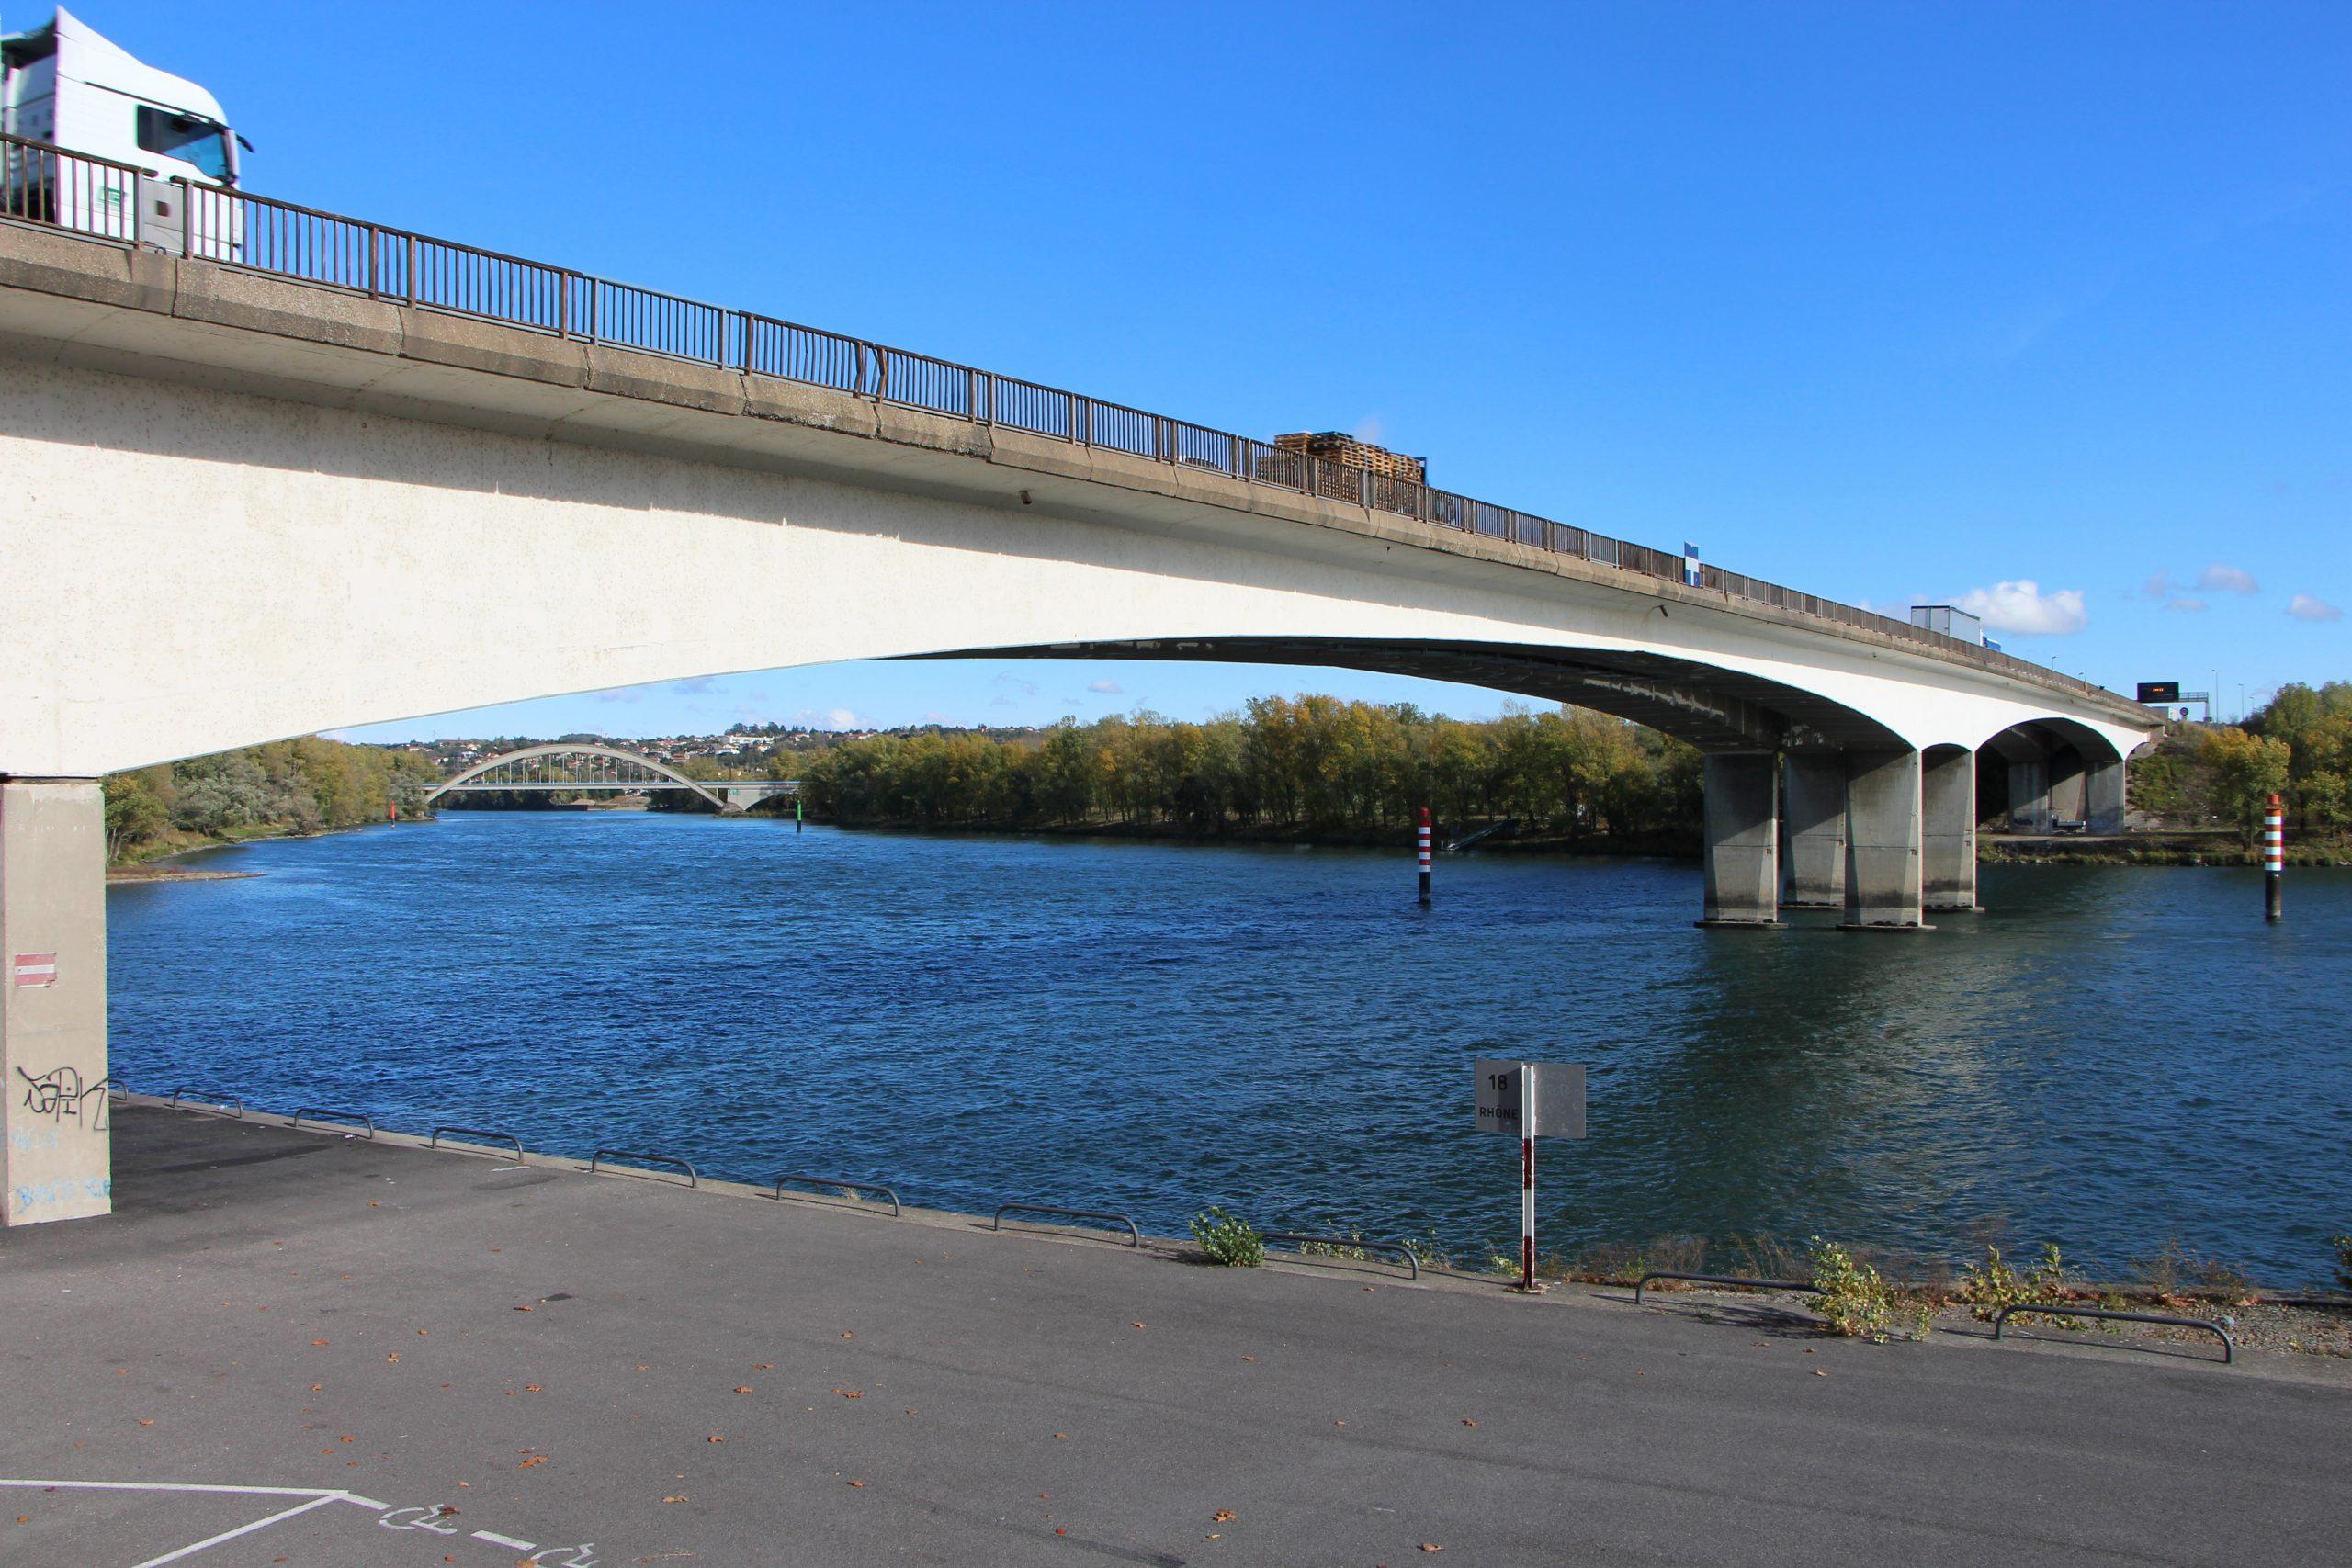 Travaux : Rénovation Du Pont Autoroutier De Givors - Agence ... intérieur Piscine De Givors